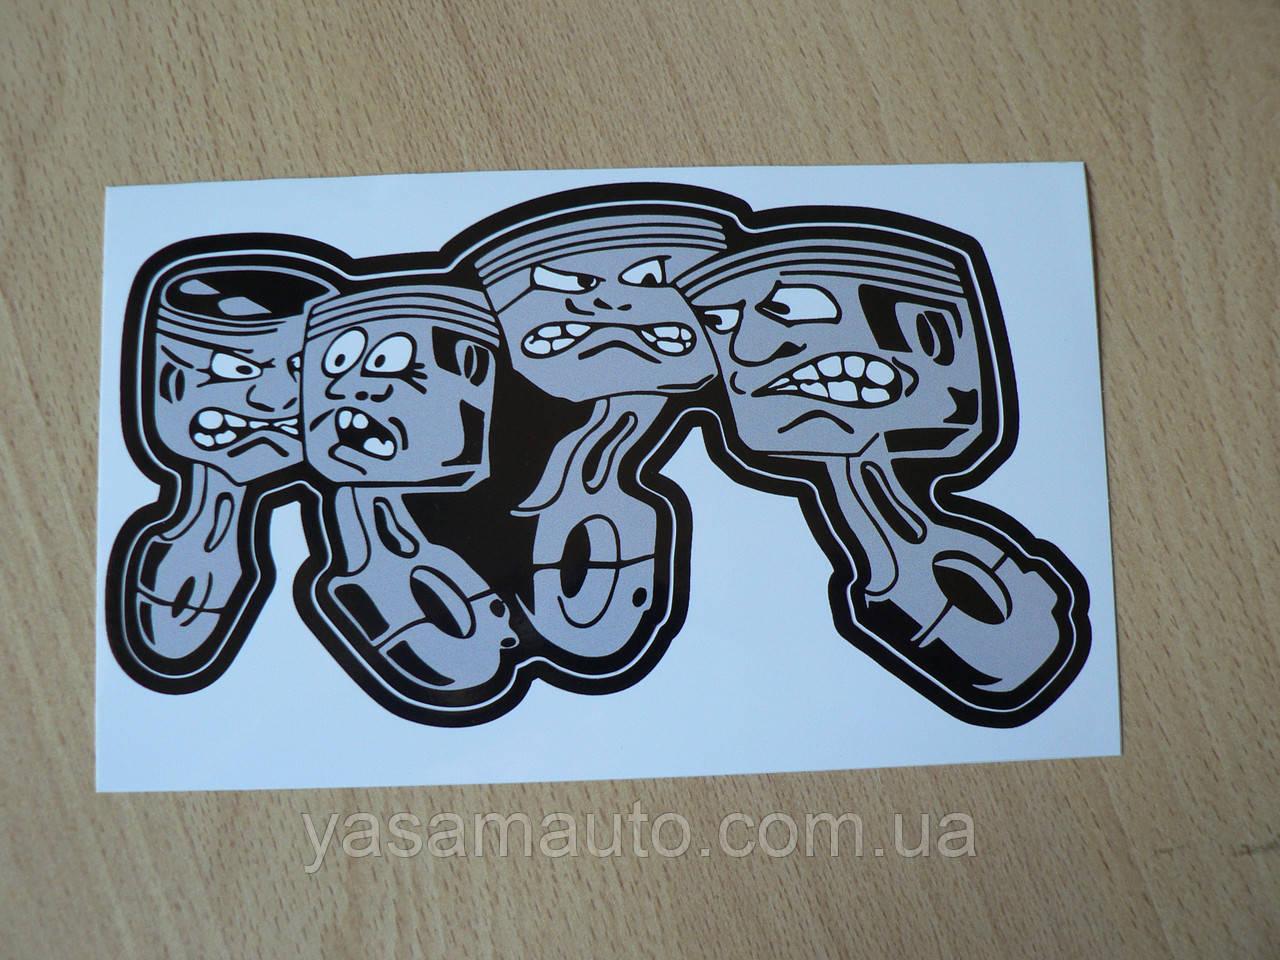 Наклейка пп Поршни 145х78мм средние №3 серые черная окантовка виниловая сплошная на авто